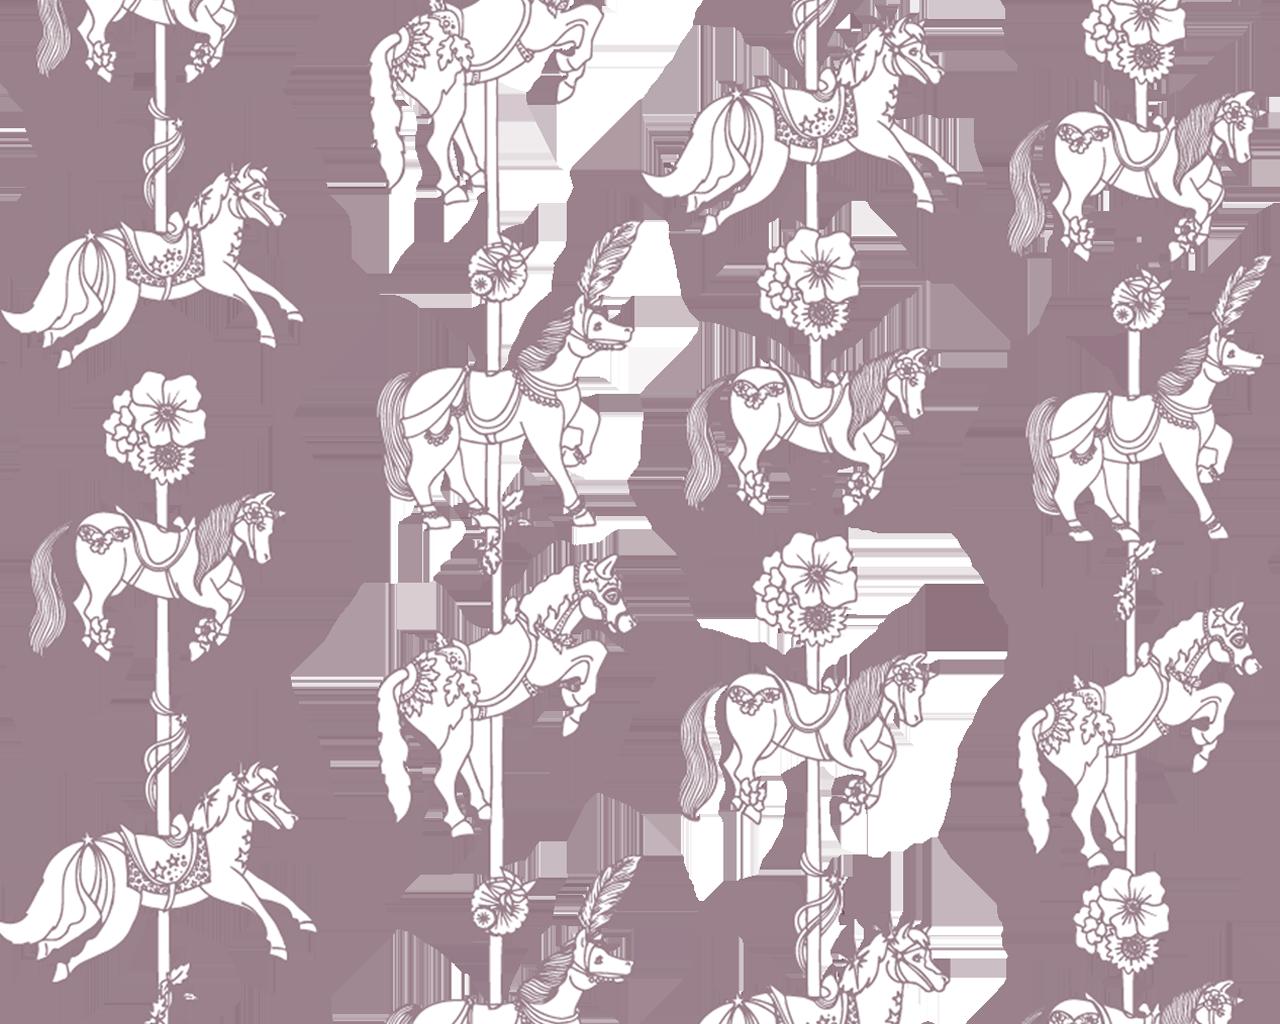 CARRUSEL  Este diseño se inspira en la estética barroca de los carruseles y reinterpreta su forma circular gracias a la repetición. Lleno de detalles, es a la vez sobrio y etéreo con detalles metálicos que reflejan la luz.